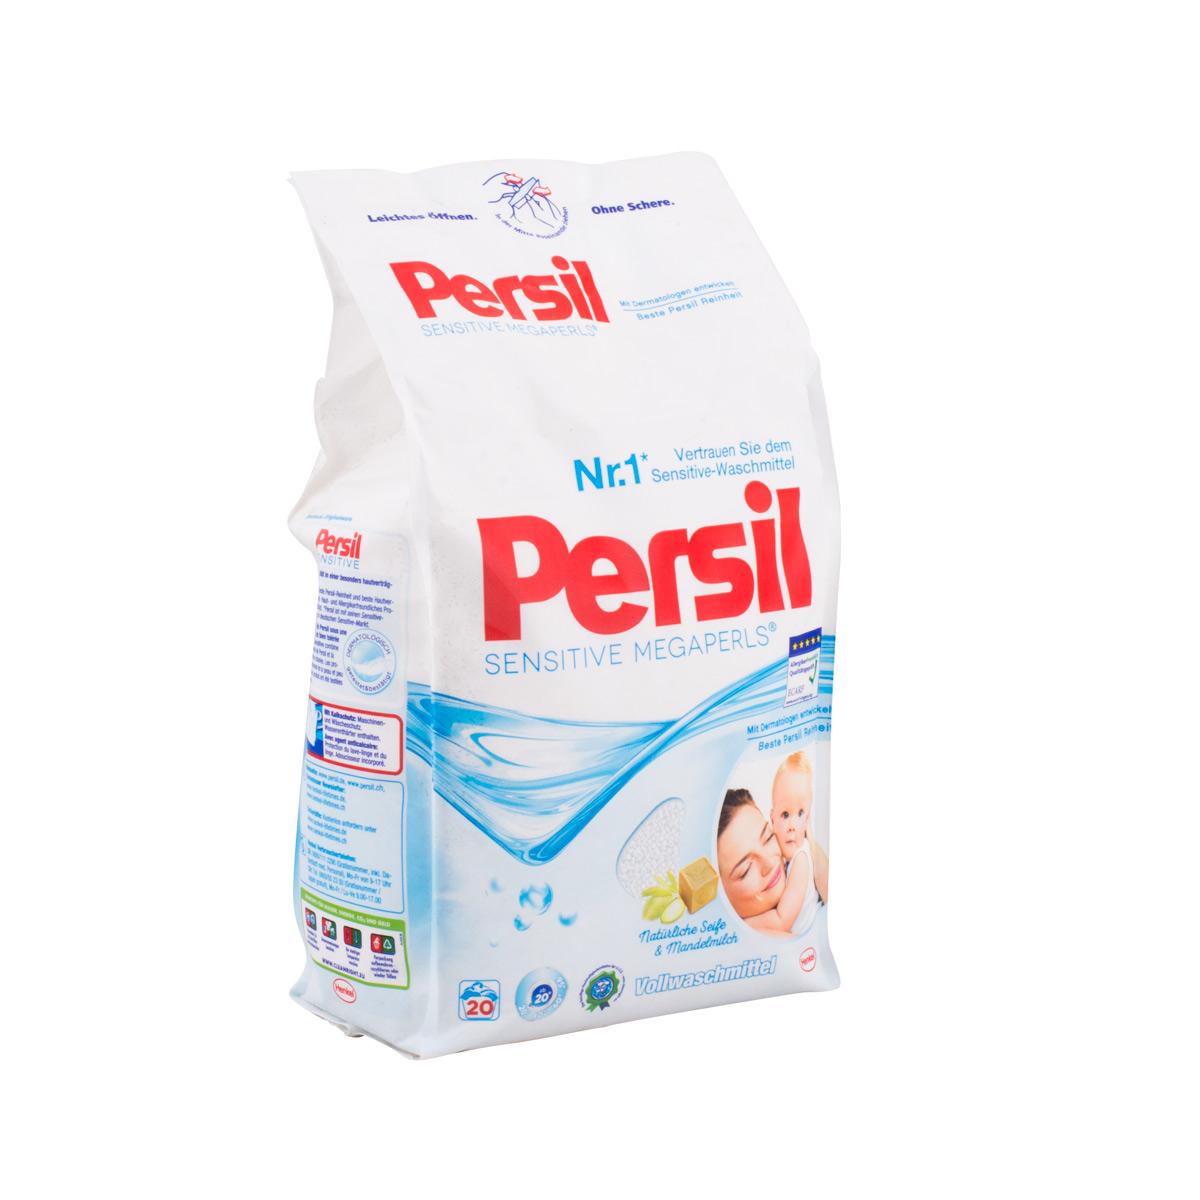 Persil sensitive megaperls prášek na praní 20 praní, 1,48 kg (Persil sensitive megaperls prášek na praní 20 praní, 1,48 kg)